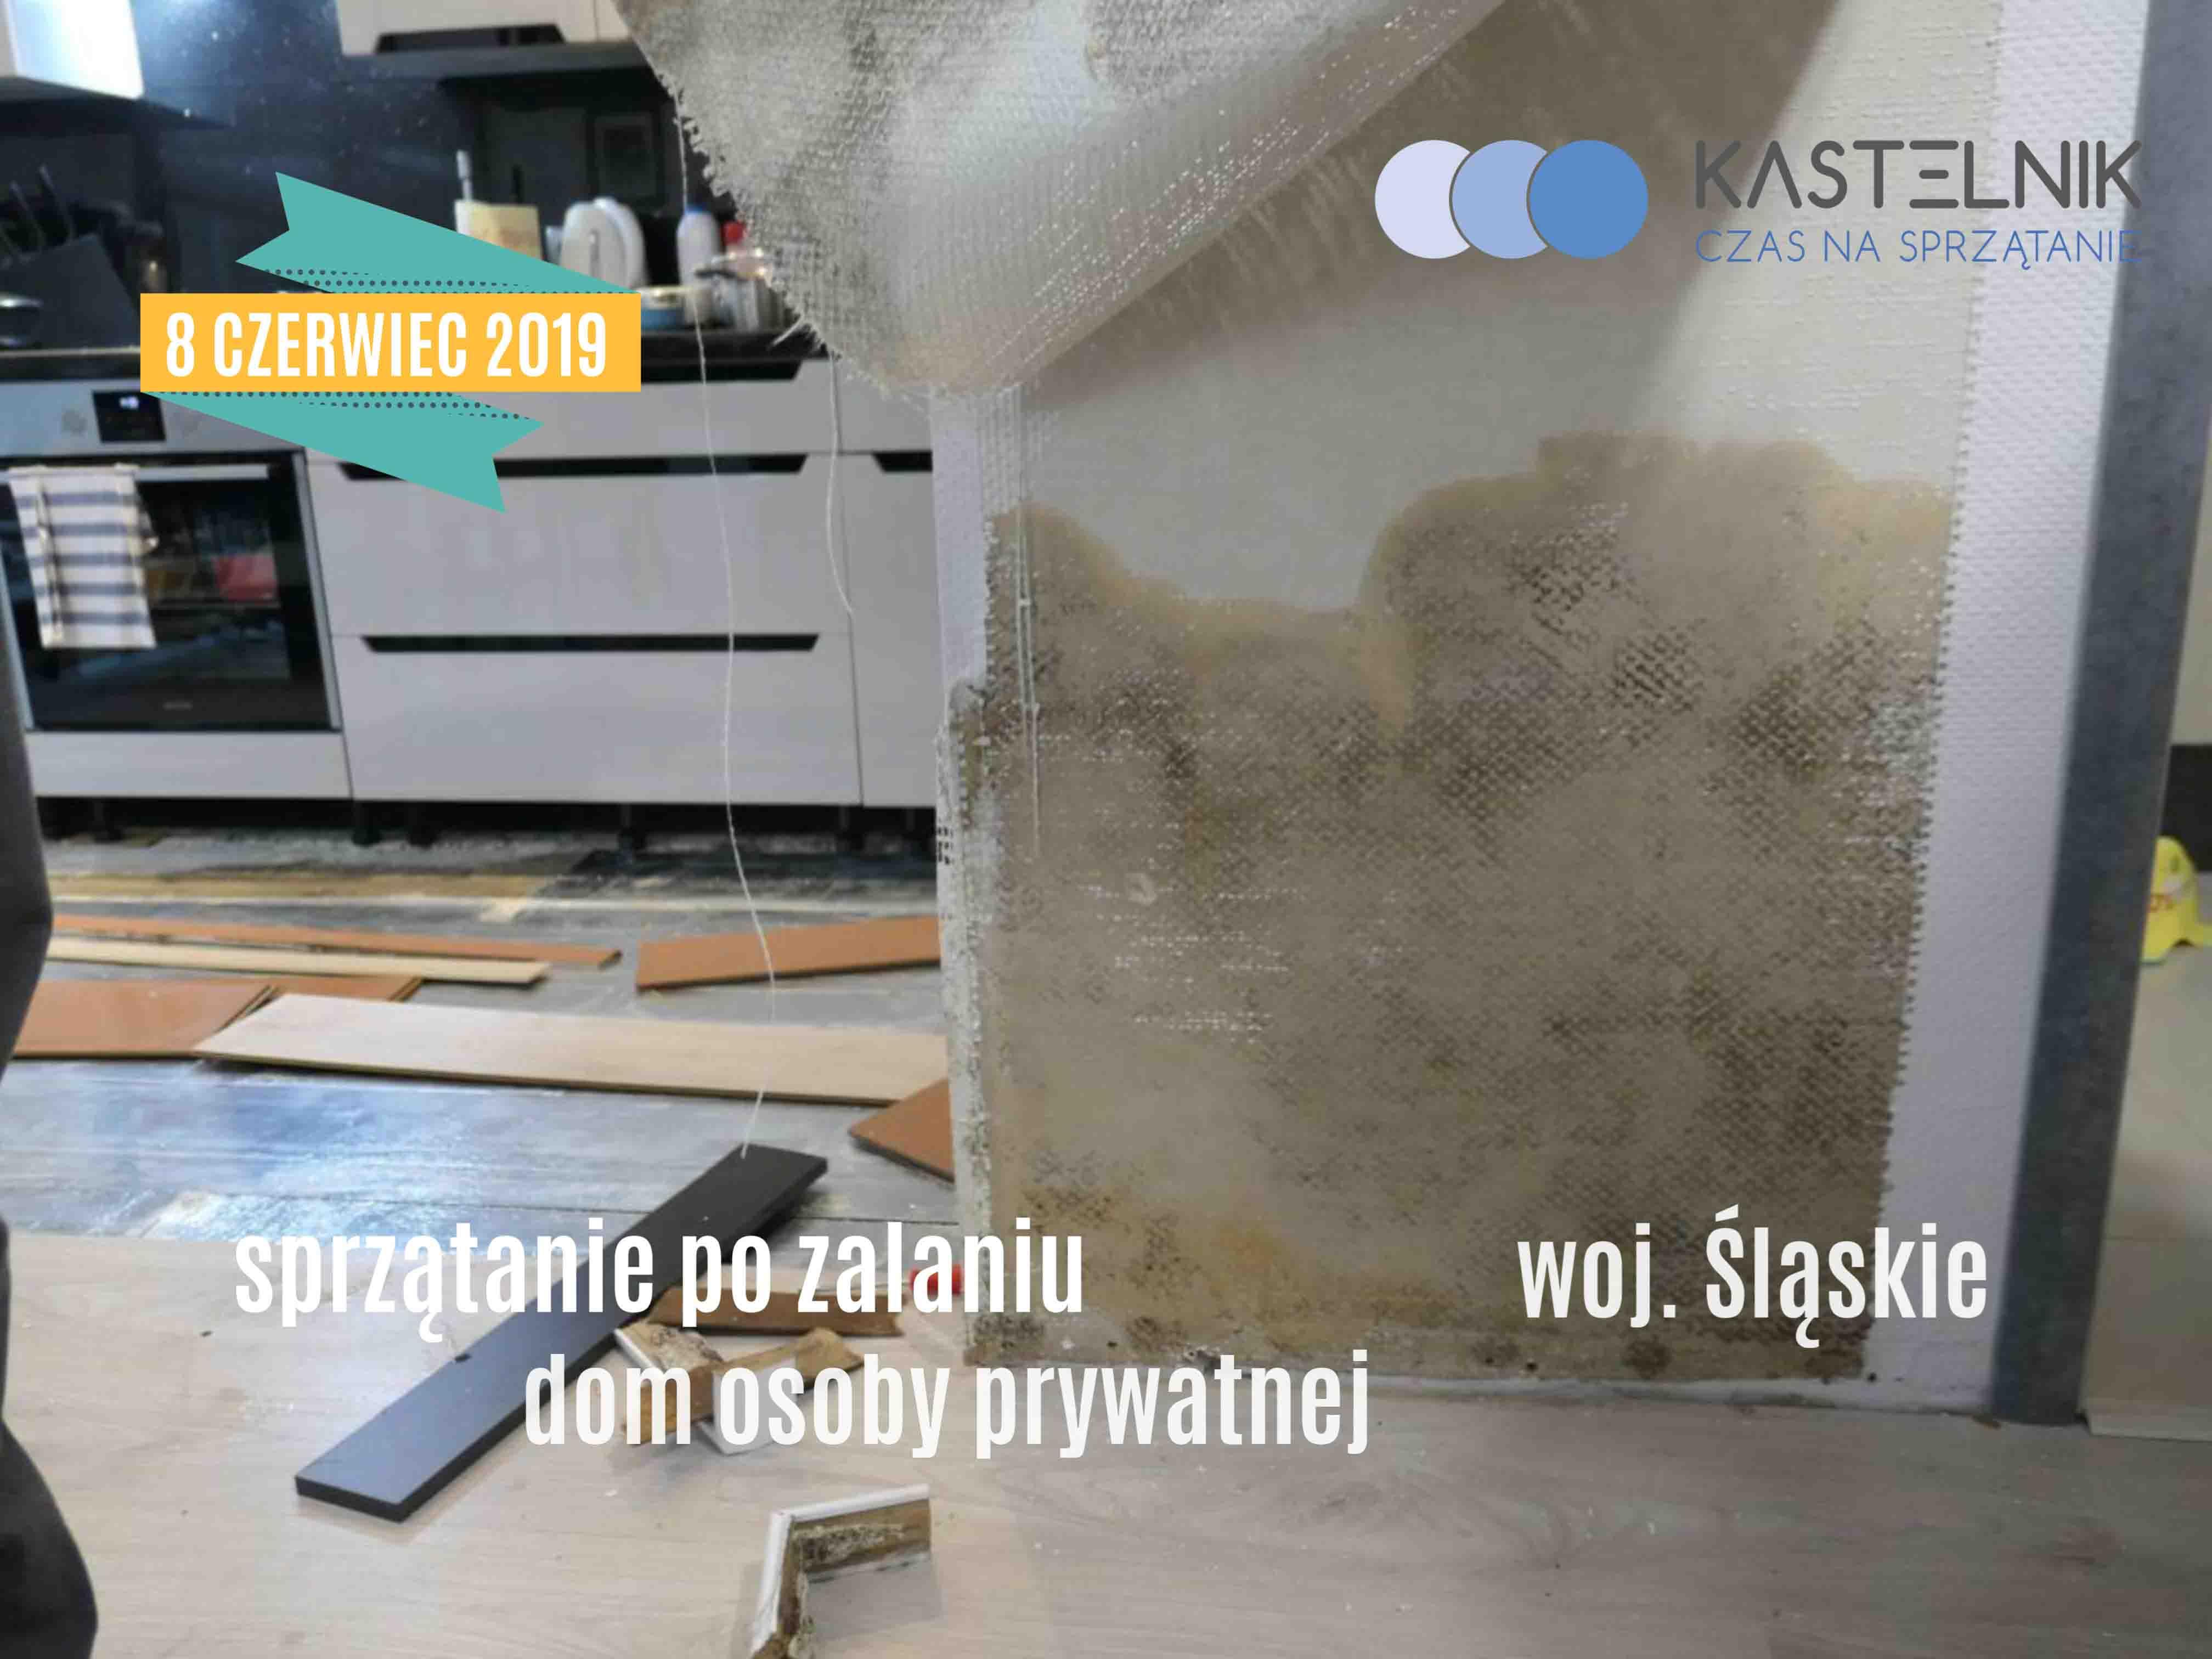 Sprzątanie mieszkania po zalaniu (awaria instalacji wodnej) Katowice